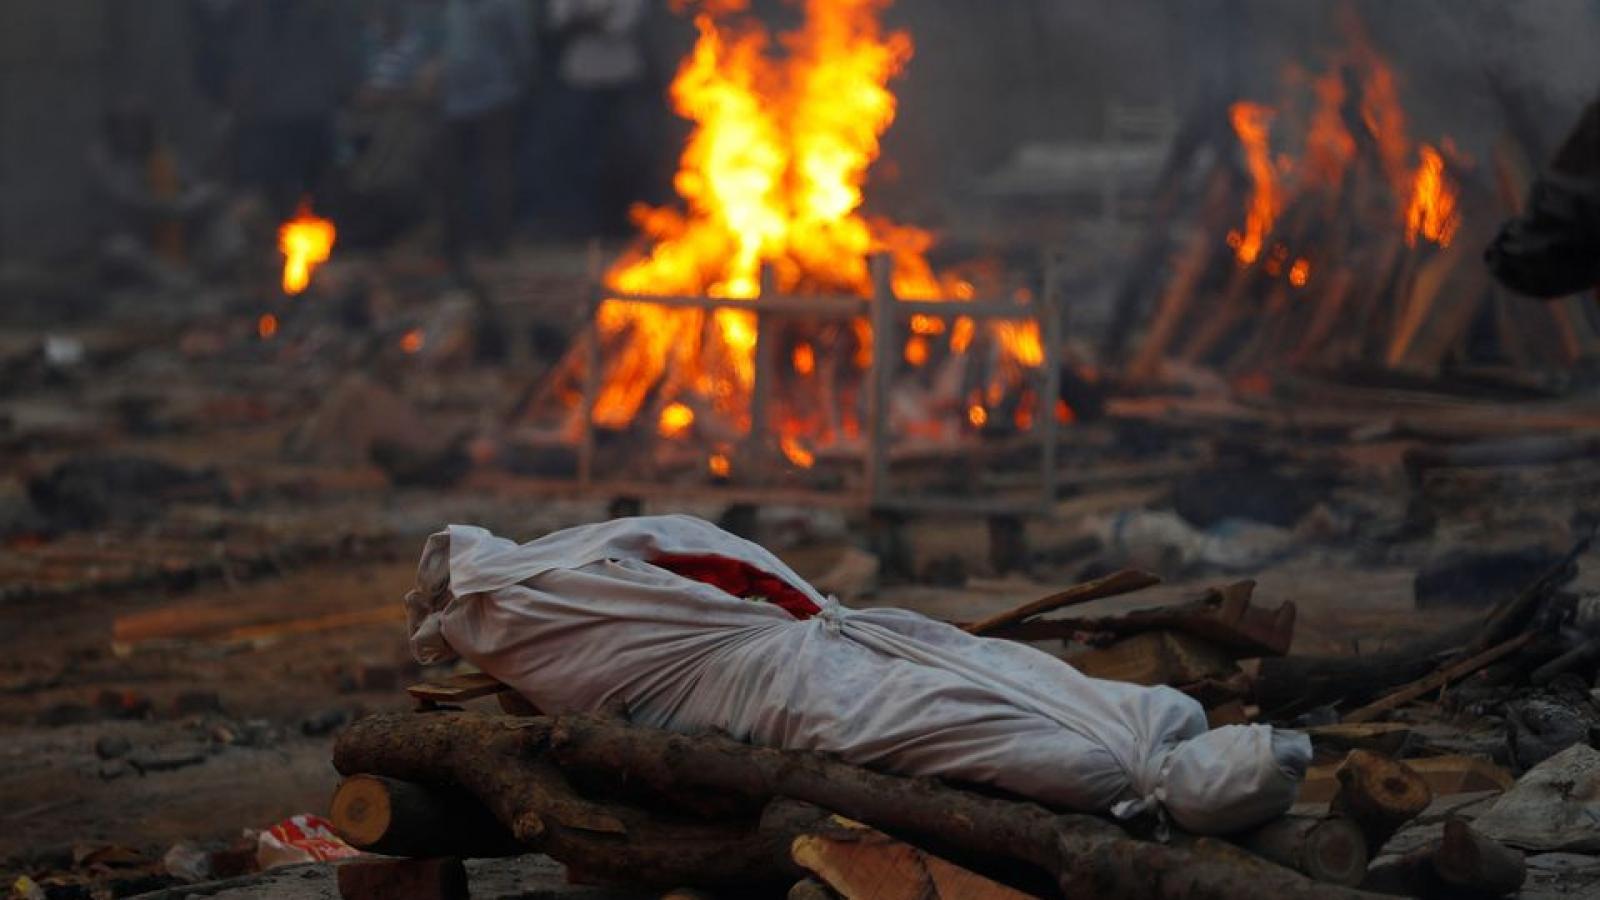 Ấn Độ ghi nhận số ca tử vong vì Covid-19 trong ngày cao nhất từ trước đến nay